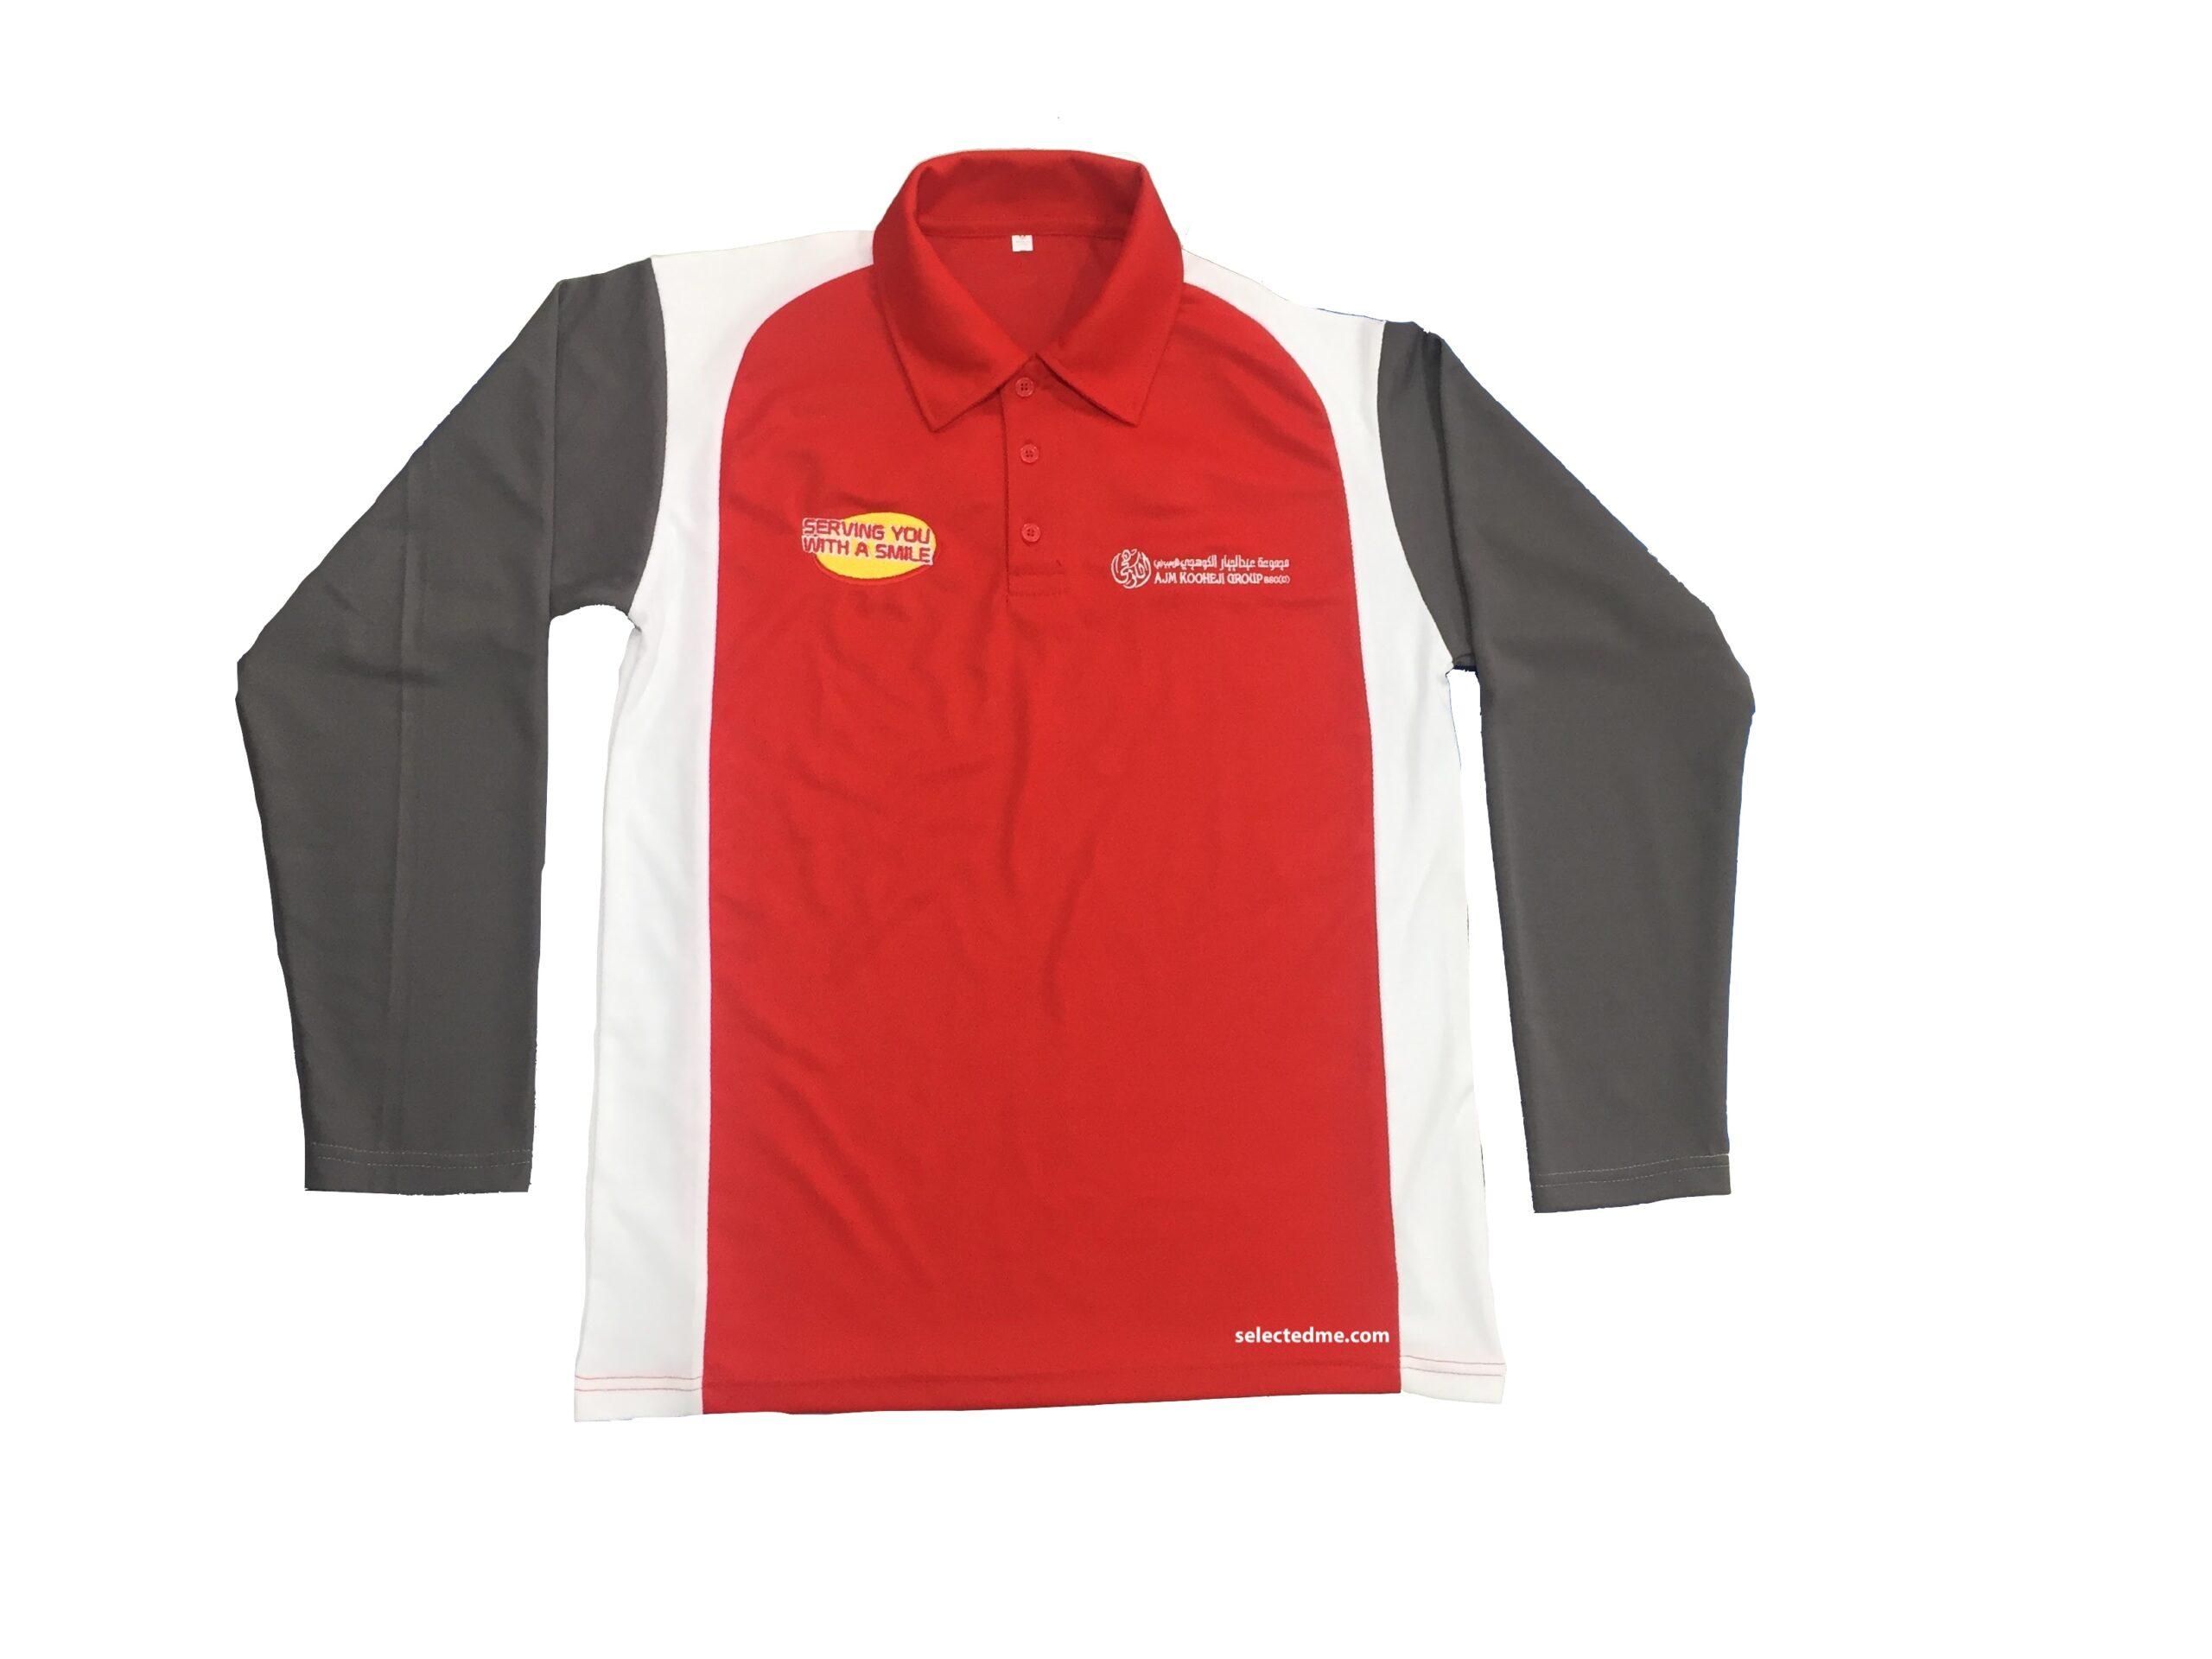 Dri fit Polo Tshirt Long sleeve